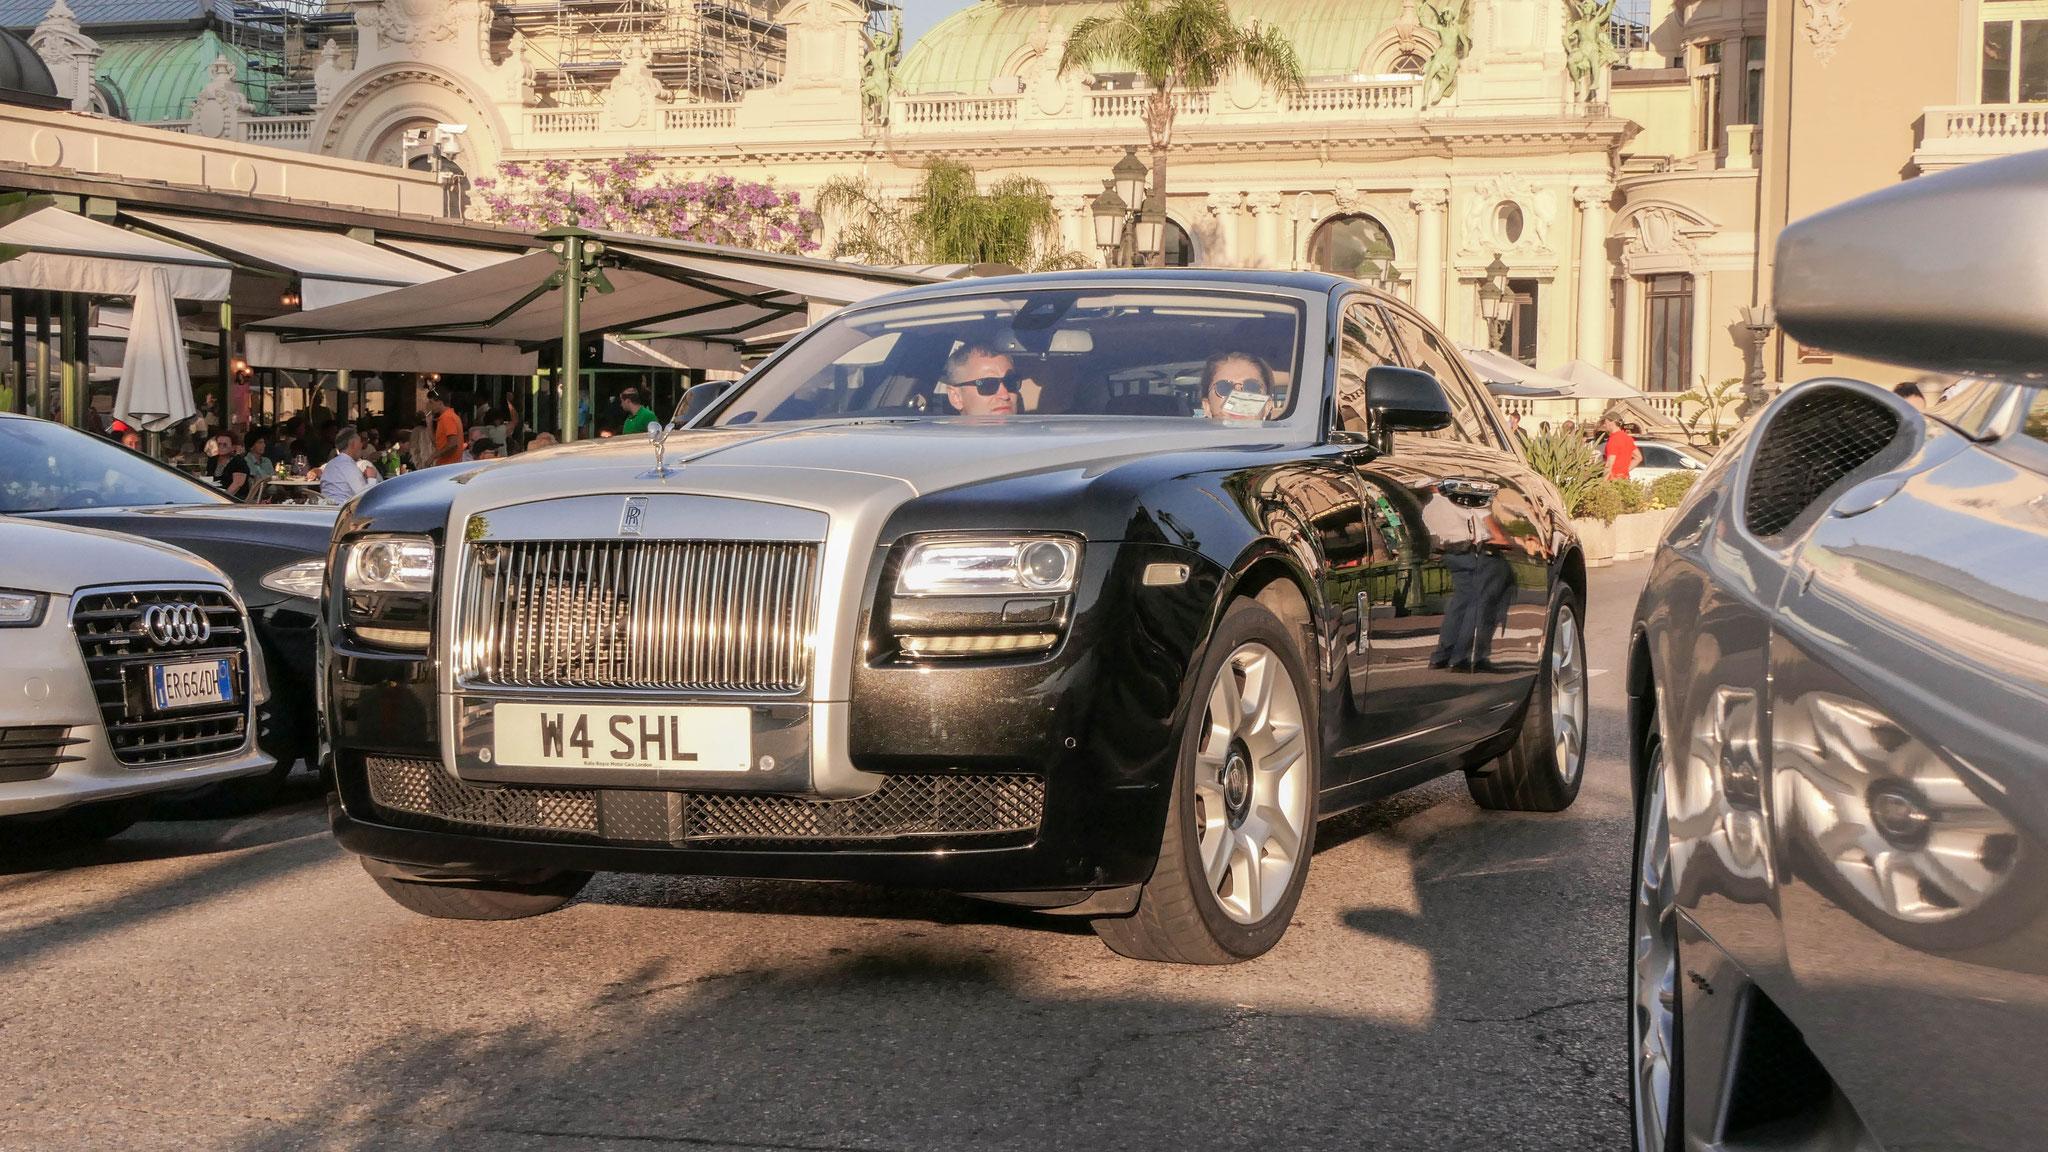 Rolls Royce Ghost - W4-SHL (GB)